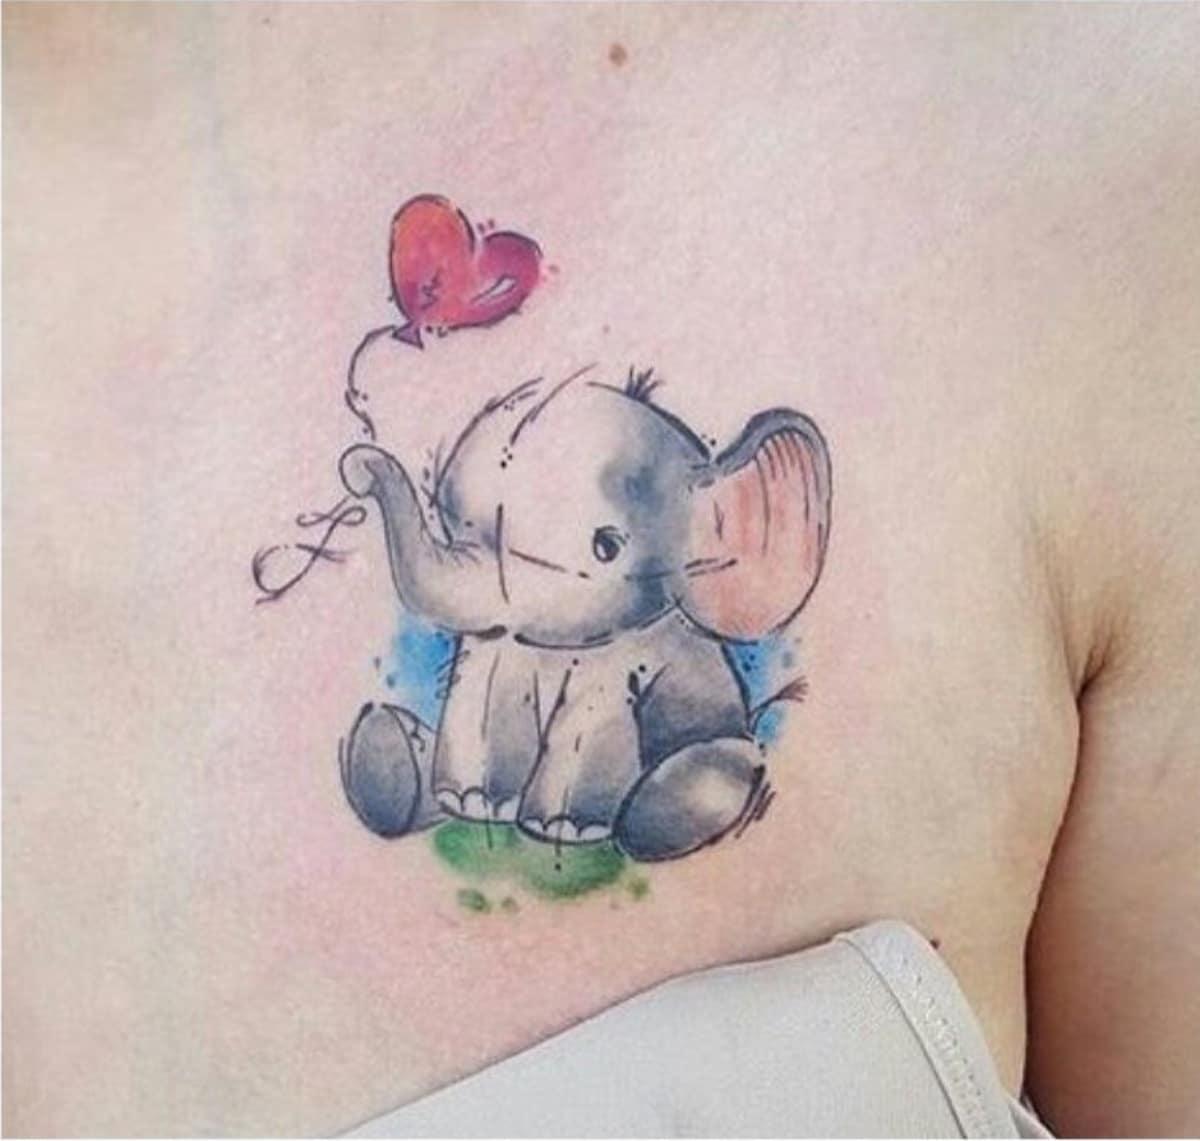 Tatuaje de estilo infantil con elefante y globo